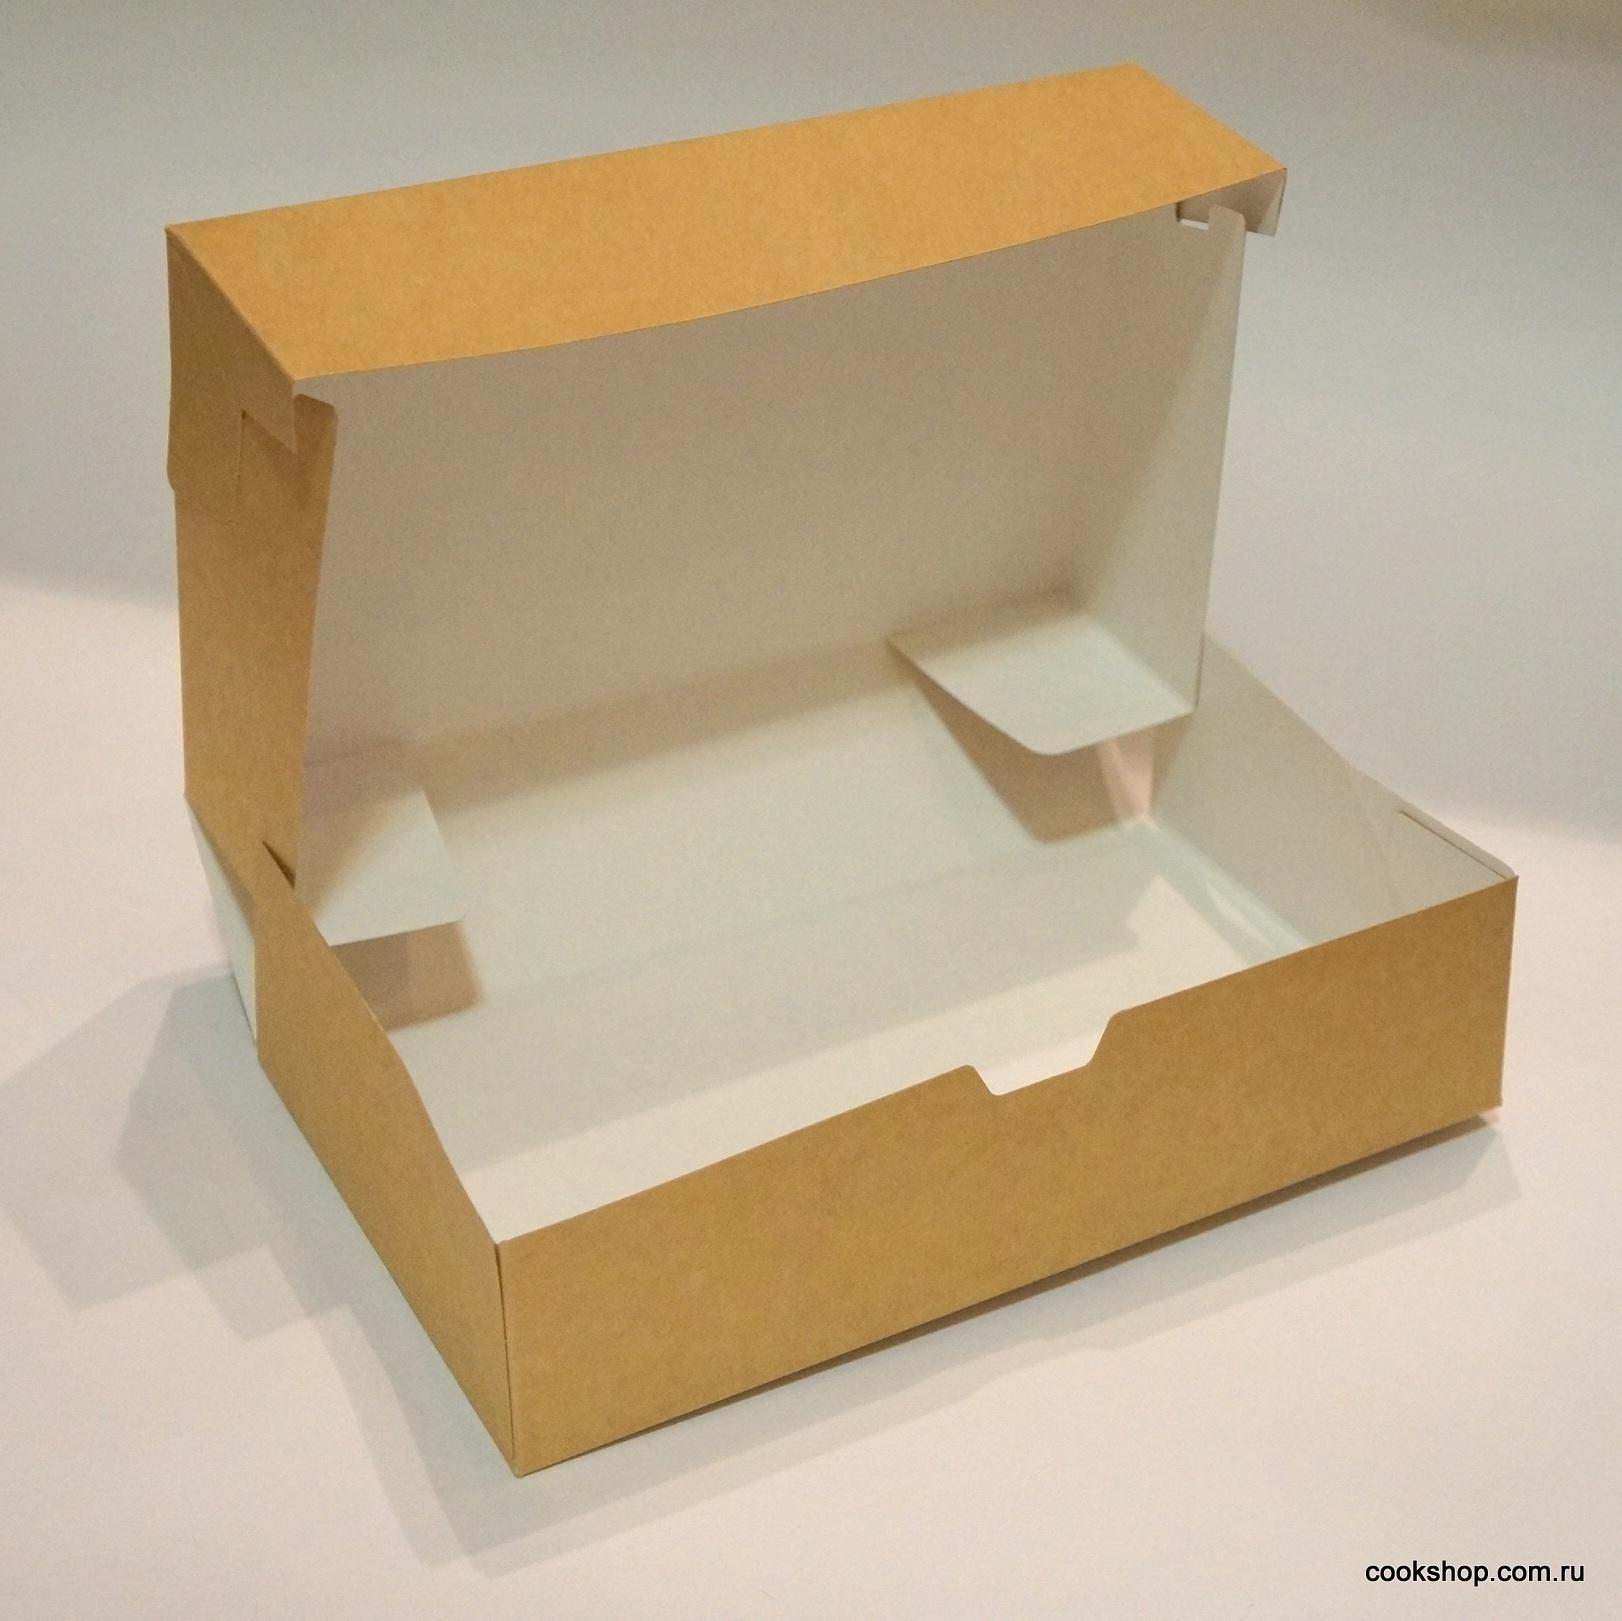 Коробка ECO для конфет купить в Хабаровске 23*14*6,5